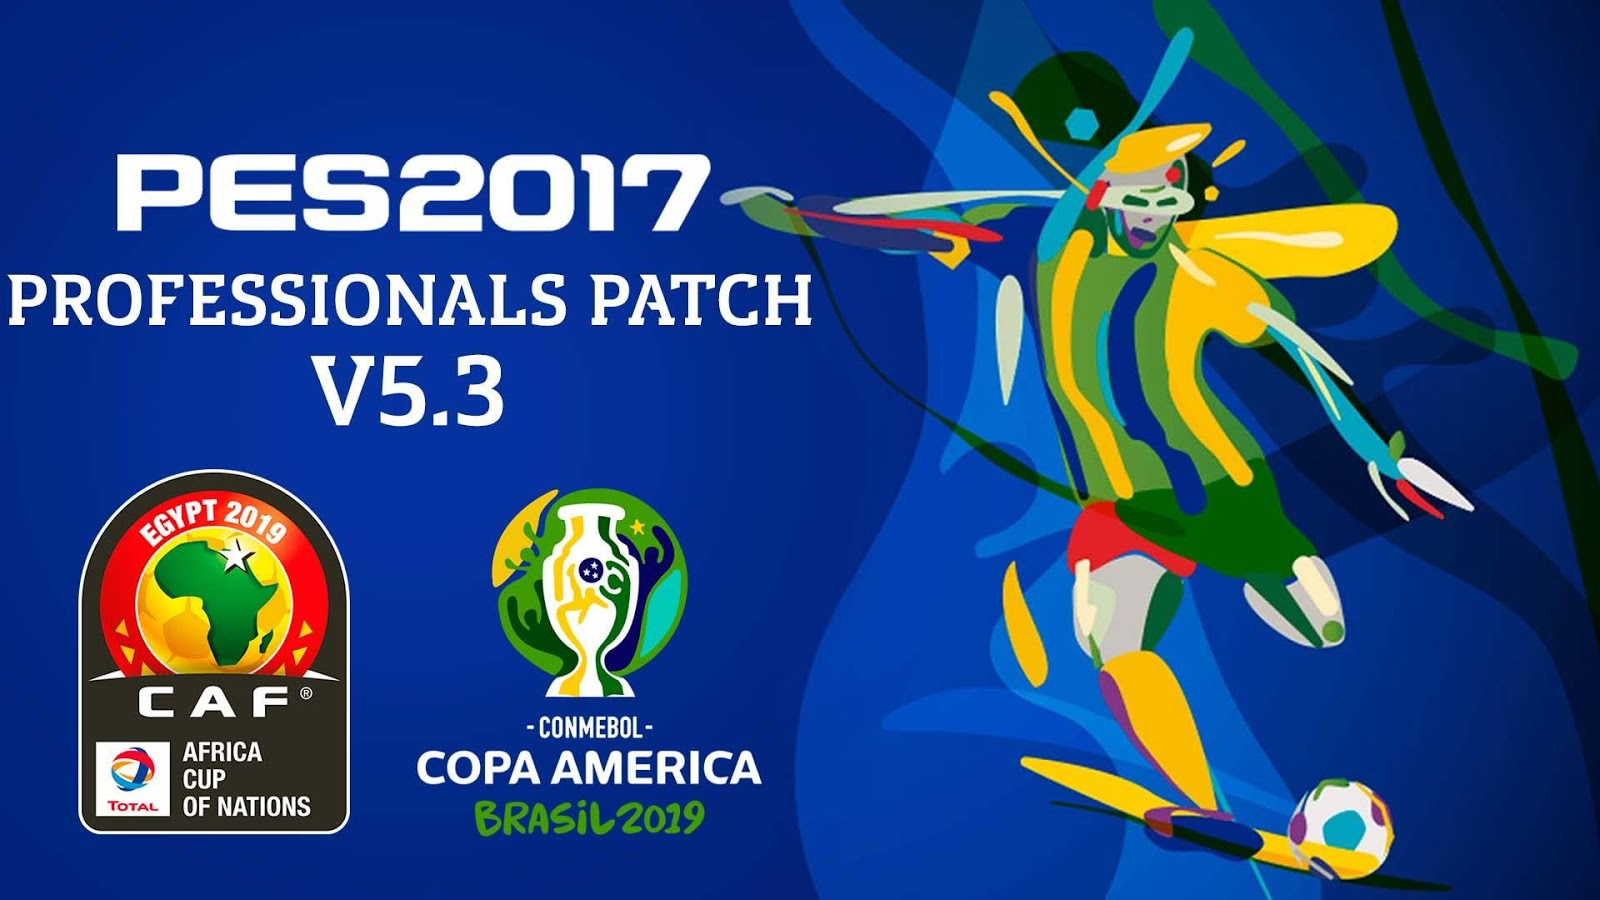 PesProfessionals Patch   V5 3   Copa América Brasil 2019